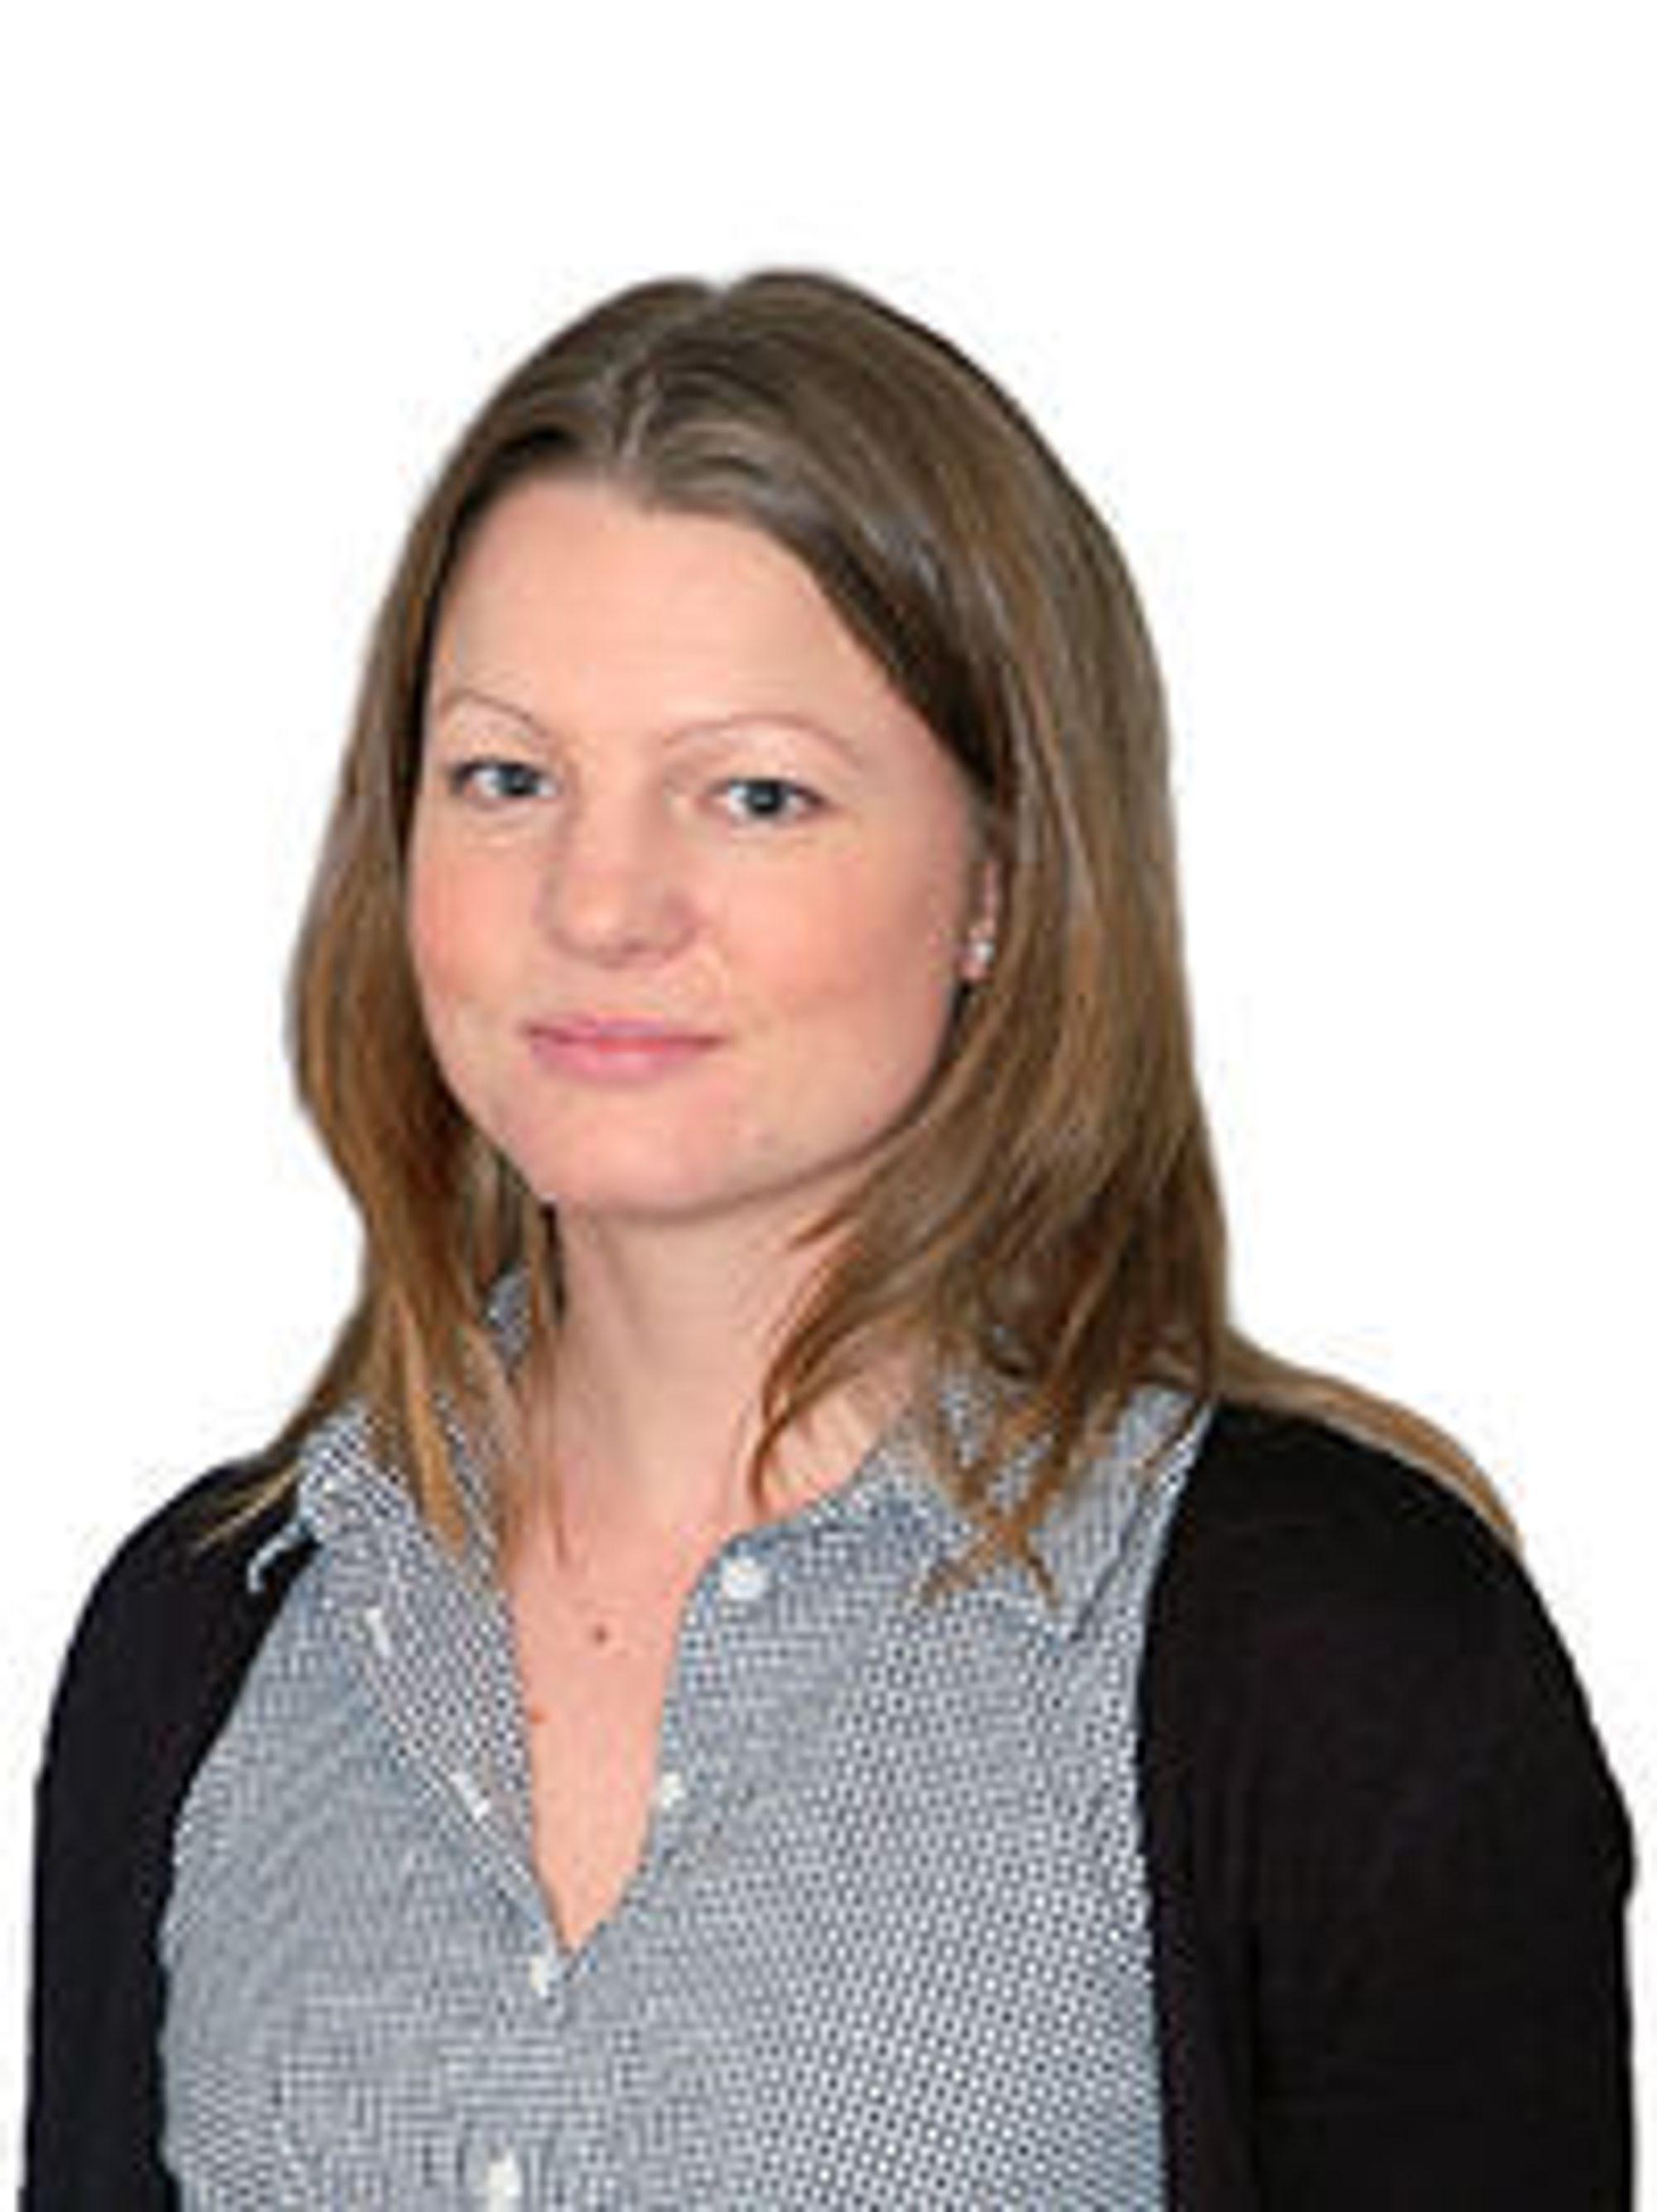 Netcom skrur opp farten for opplasting i hele sitt 3G-nett, forteller kommunikasjonsrådgiver Charlotte Erikstad.